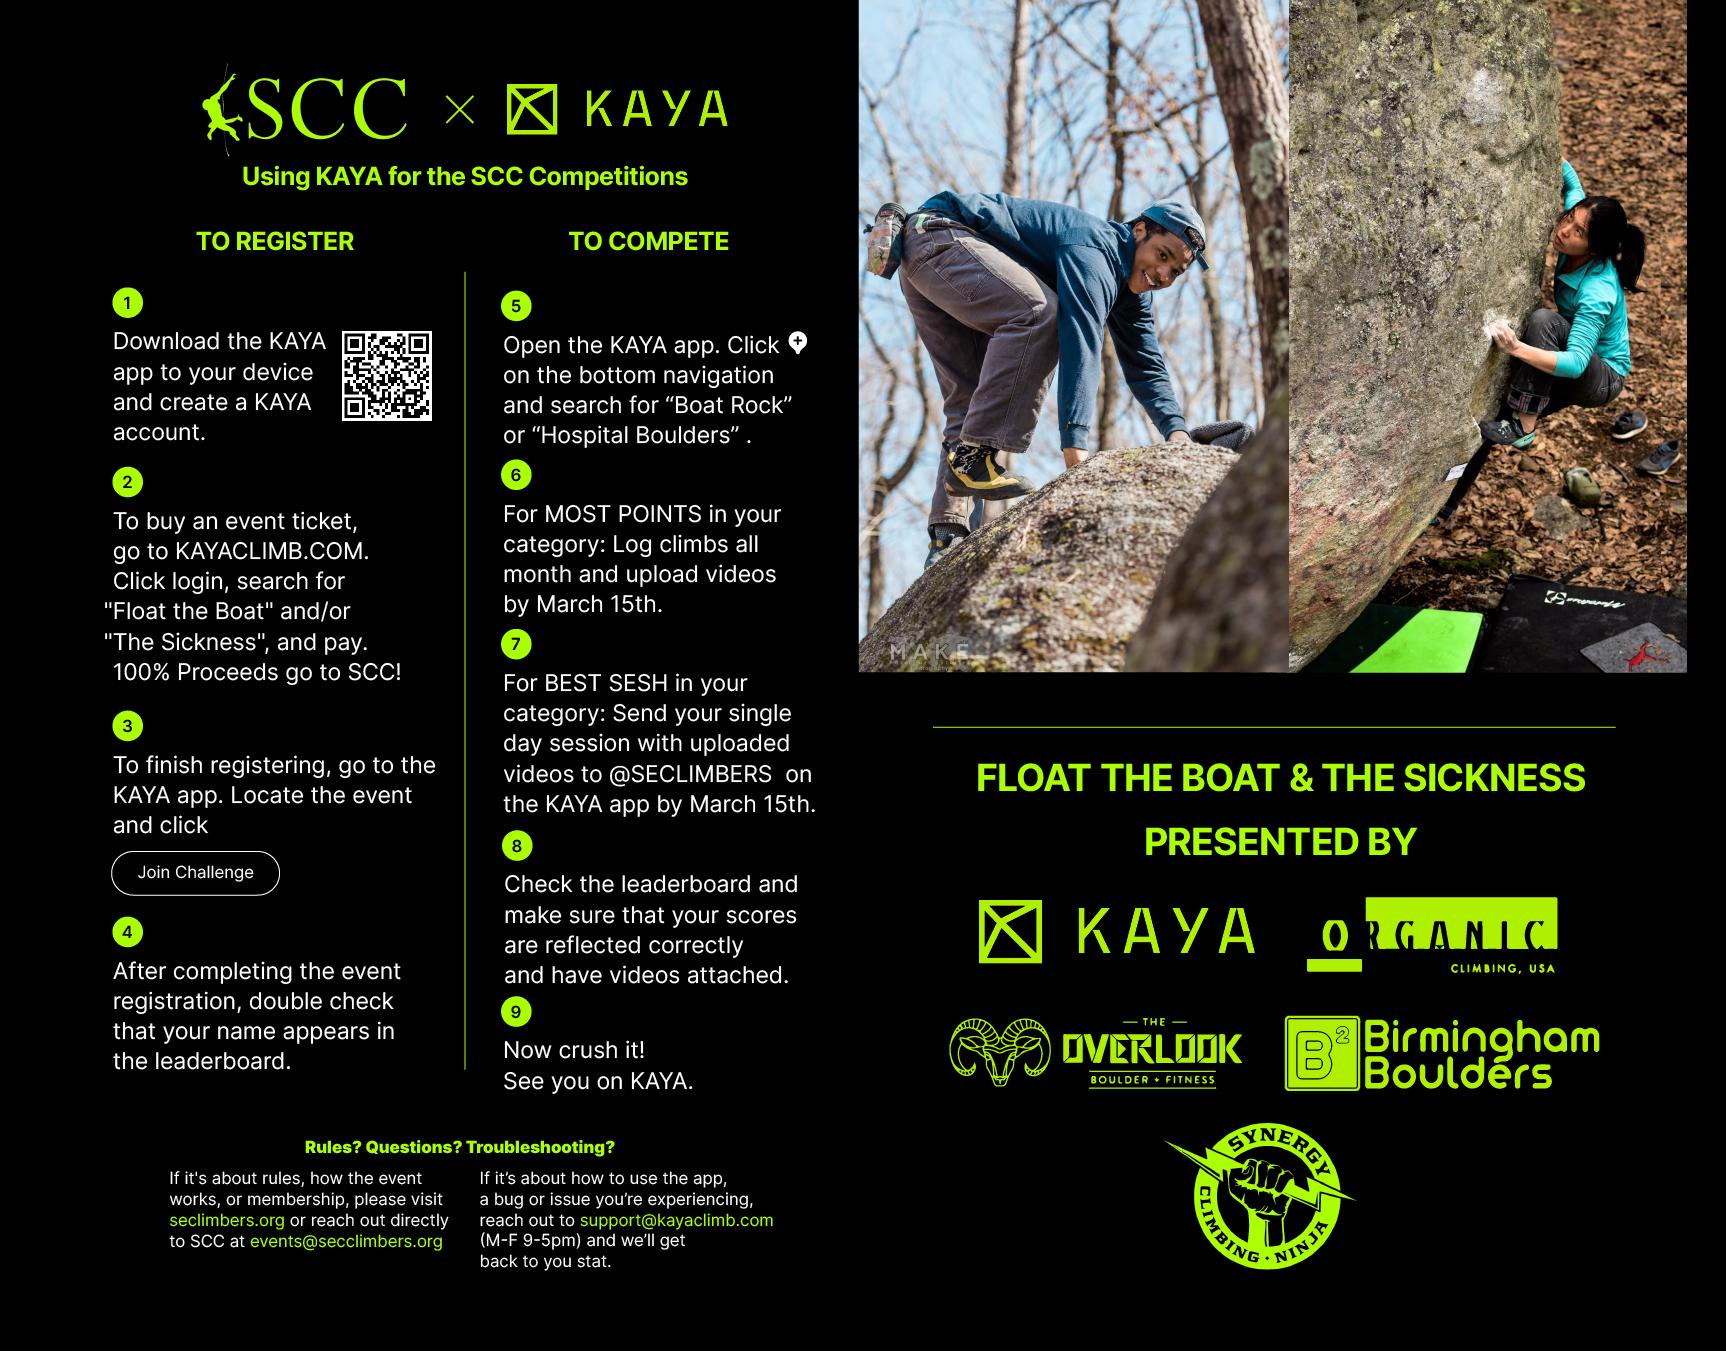 SCC_KAYA_Registration INFOGRAPHIC